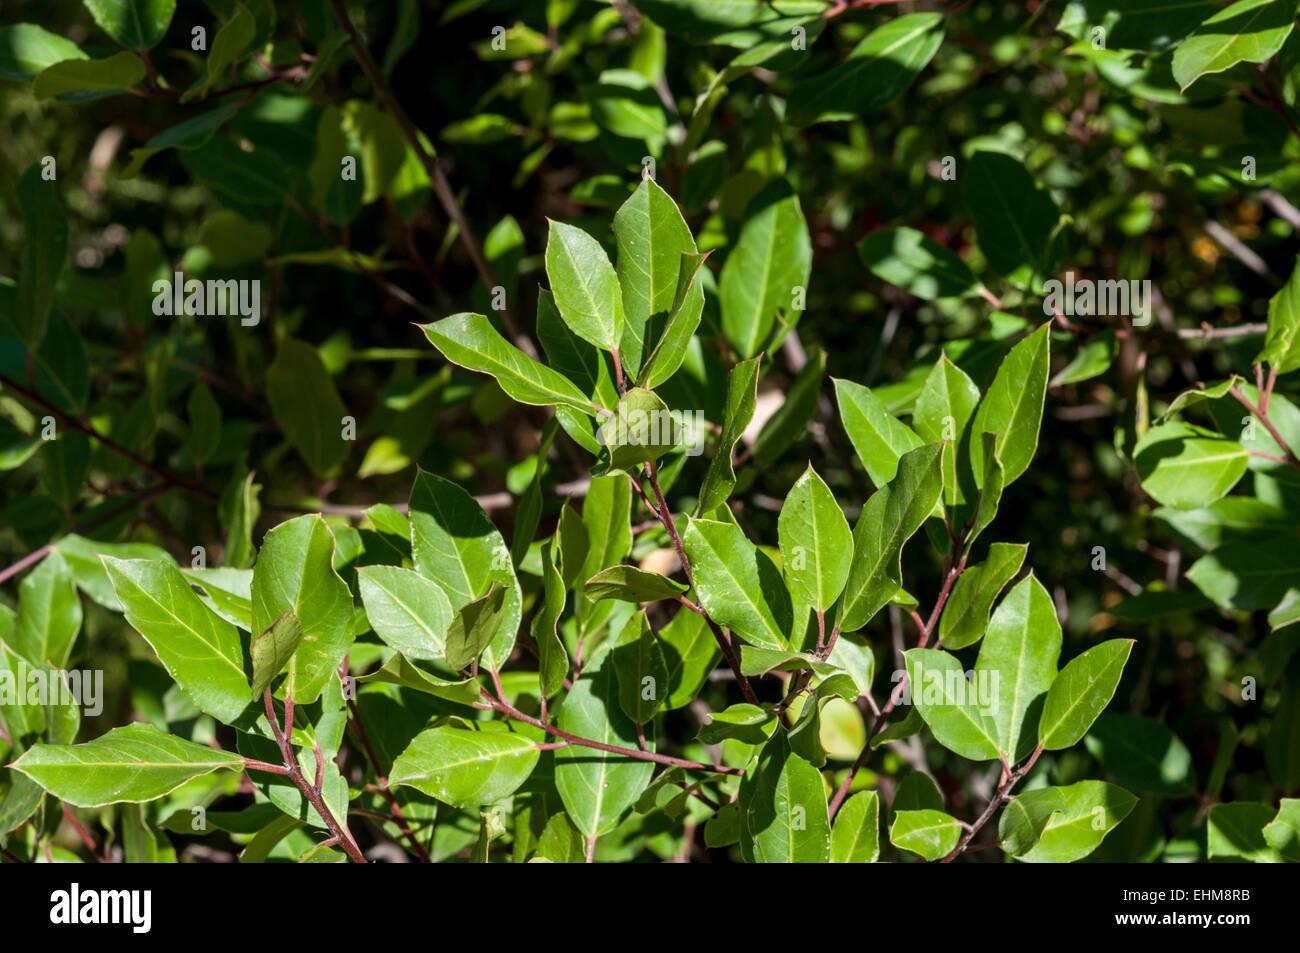 Blätter und Zweige des italienischen Kreuzdorn Rhamnus alaternus Stockfoto